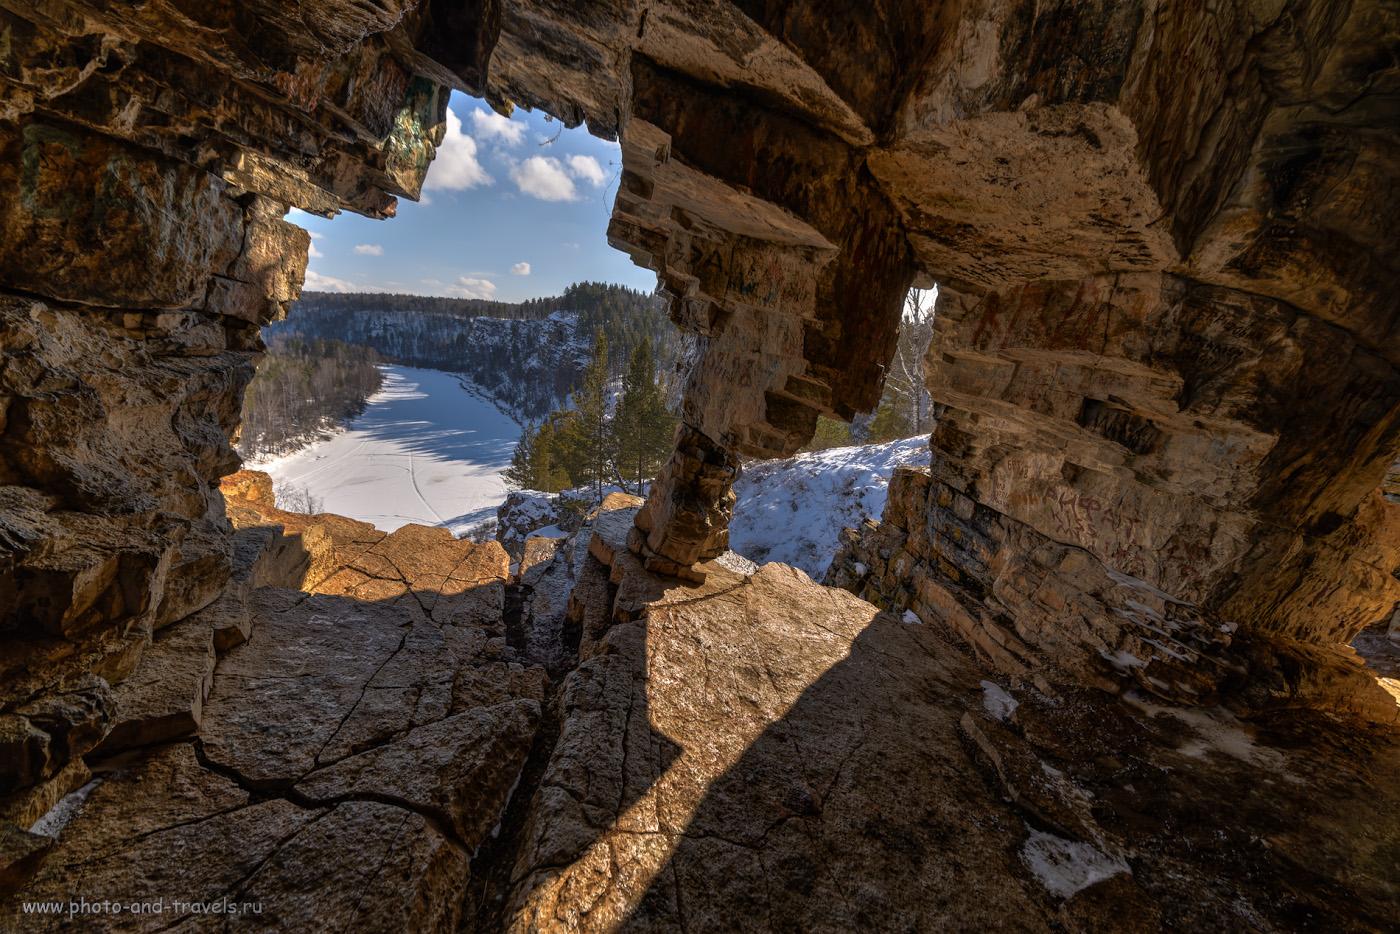 Фото 37. Виды из грота Идрисовской пещеры вверх по течению реки Юрюзань. Камера Nikon D610, объектив Samyang 14 mm f/2.8. HDR из трех кадров. 1/250, -0.67, 9.0, 160, 14.